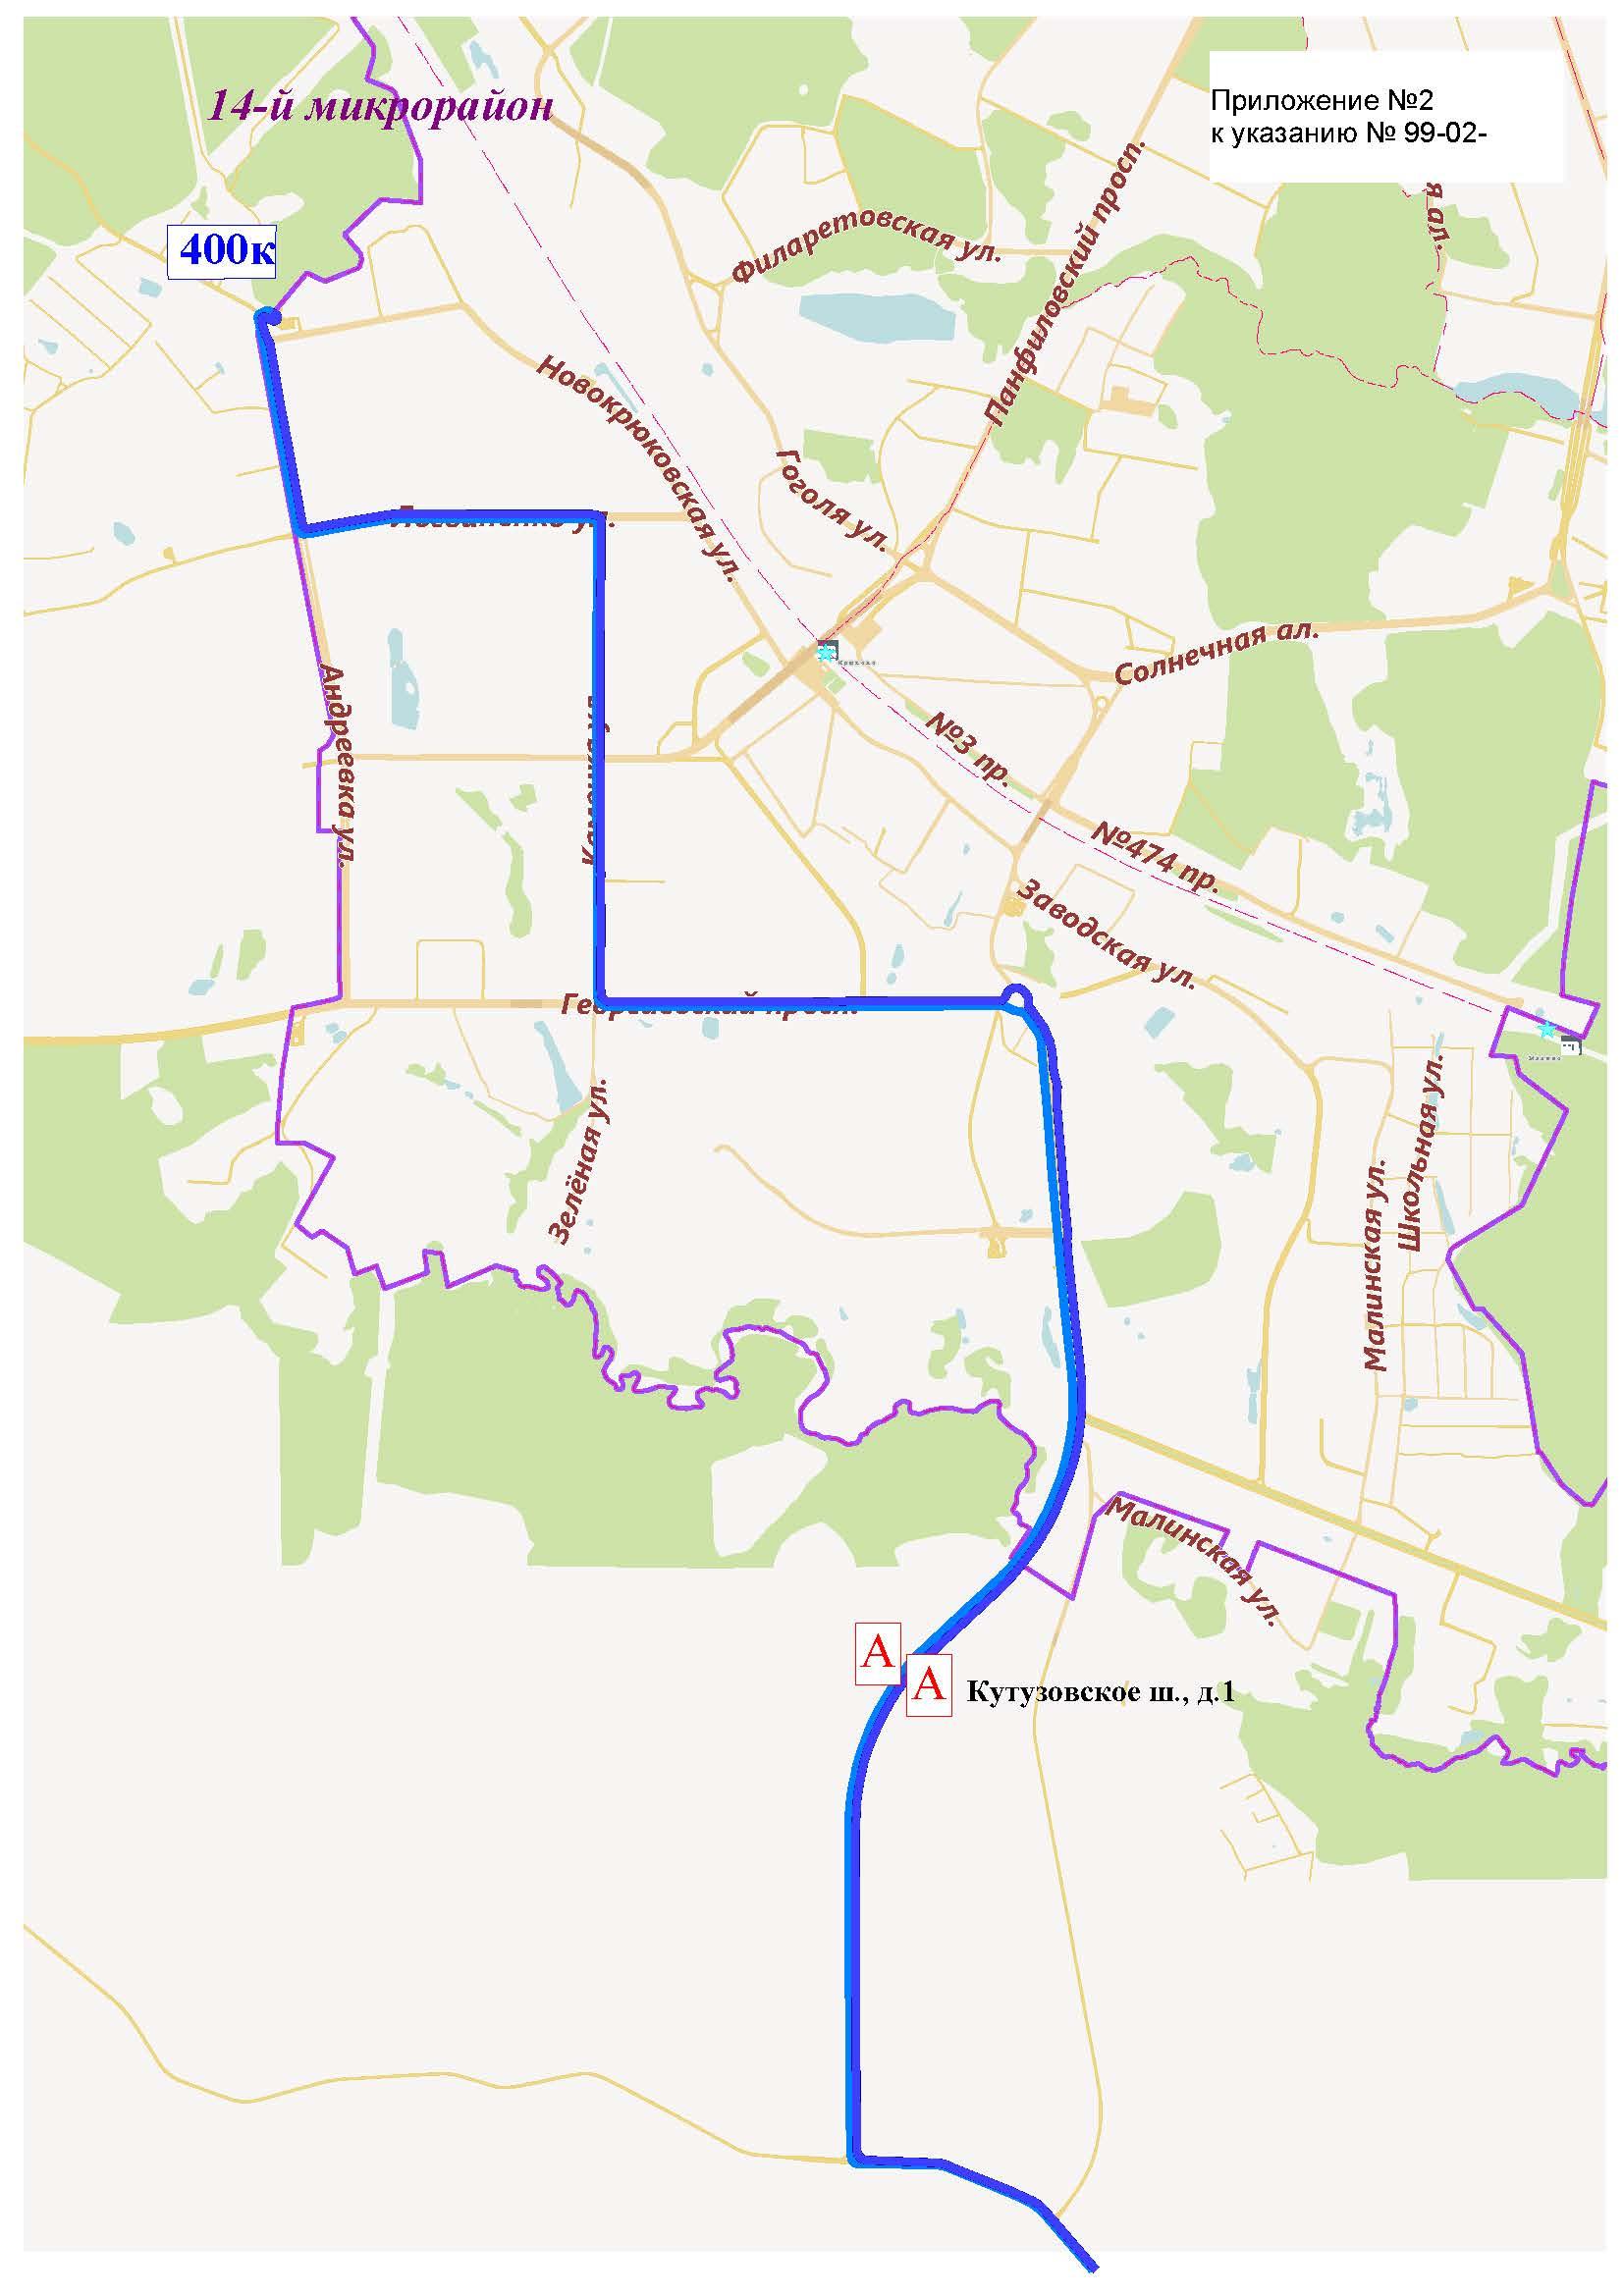 Схема маршрутов автобусов в зеленограде фото 501